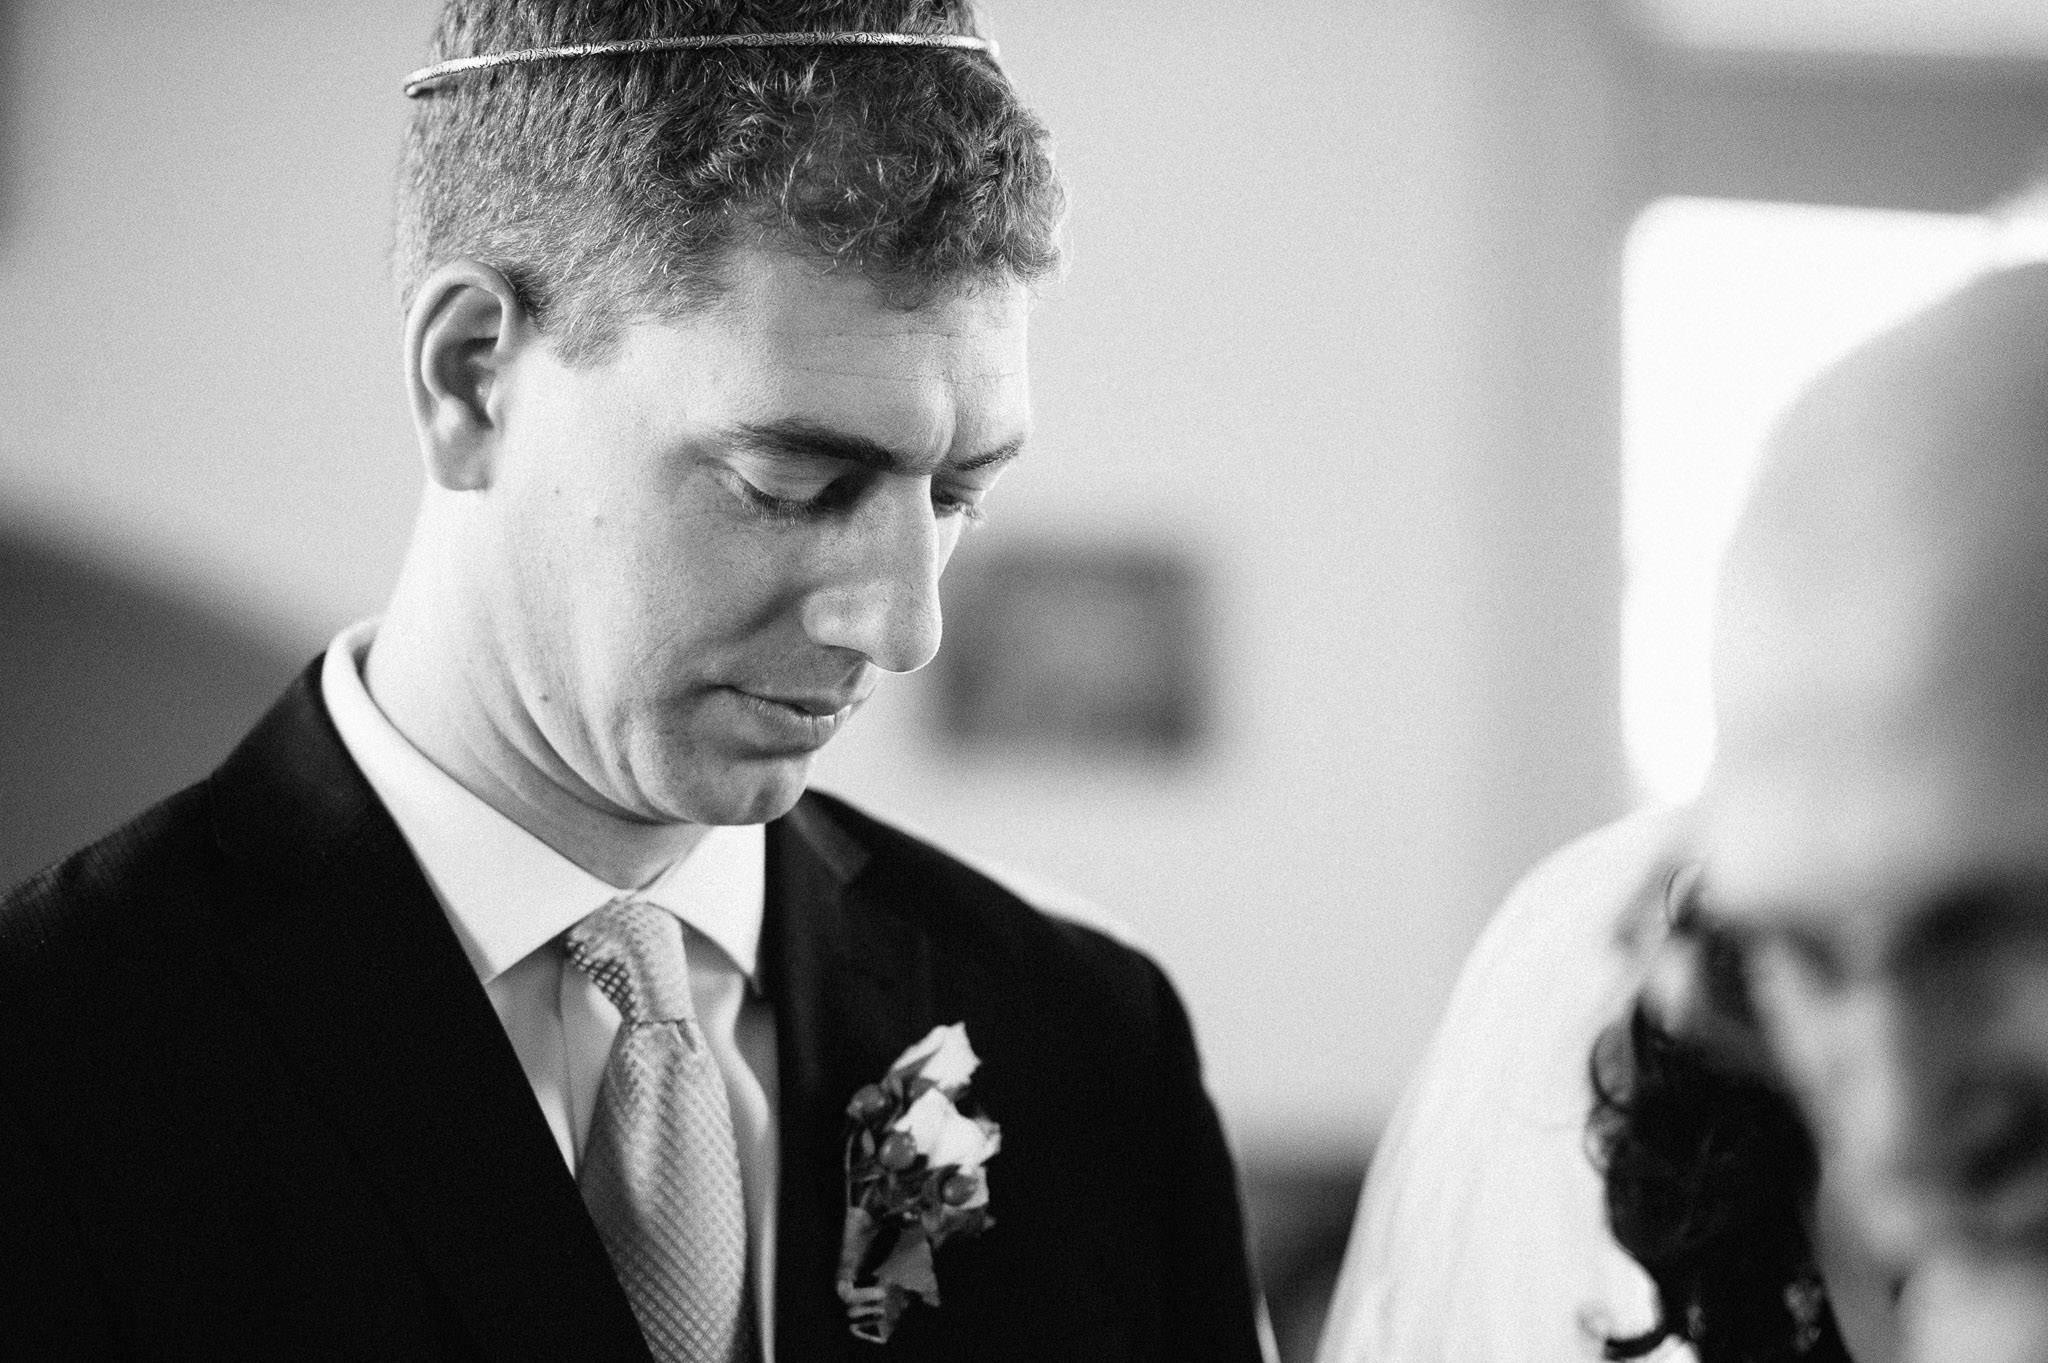 Wedding ceremony - groom